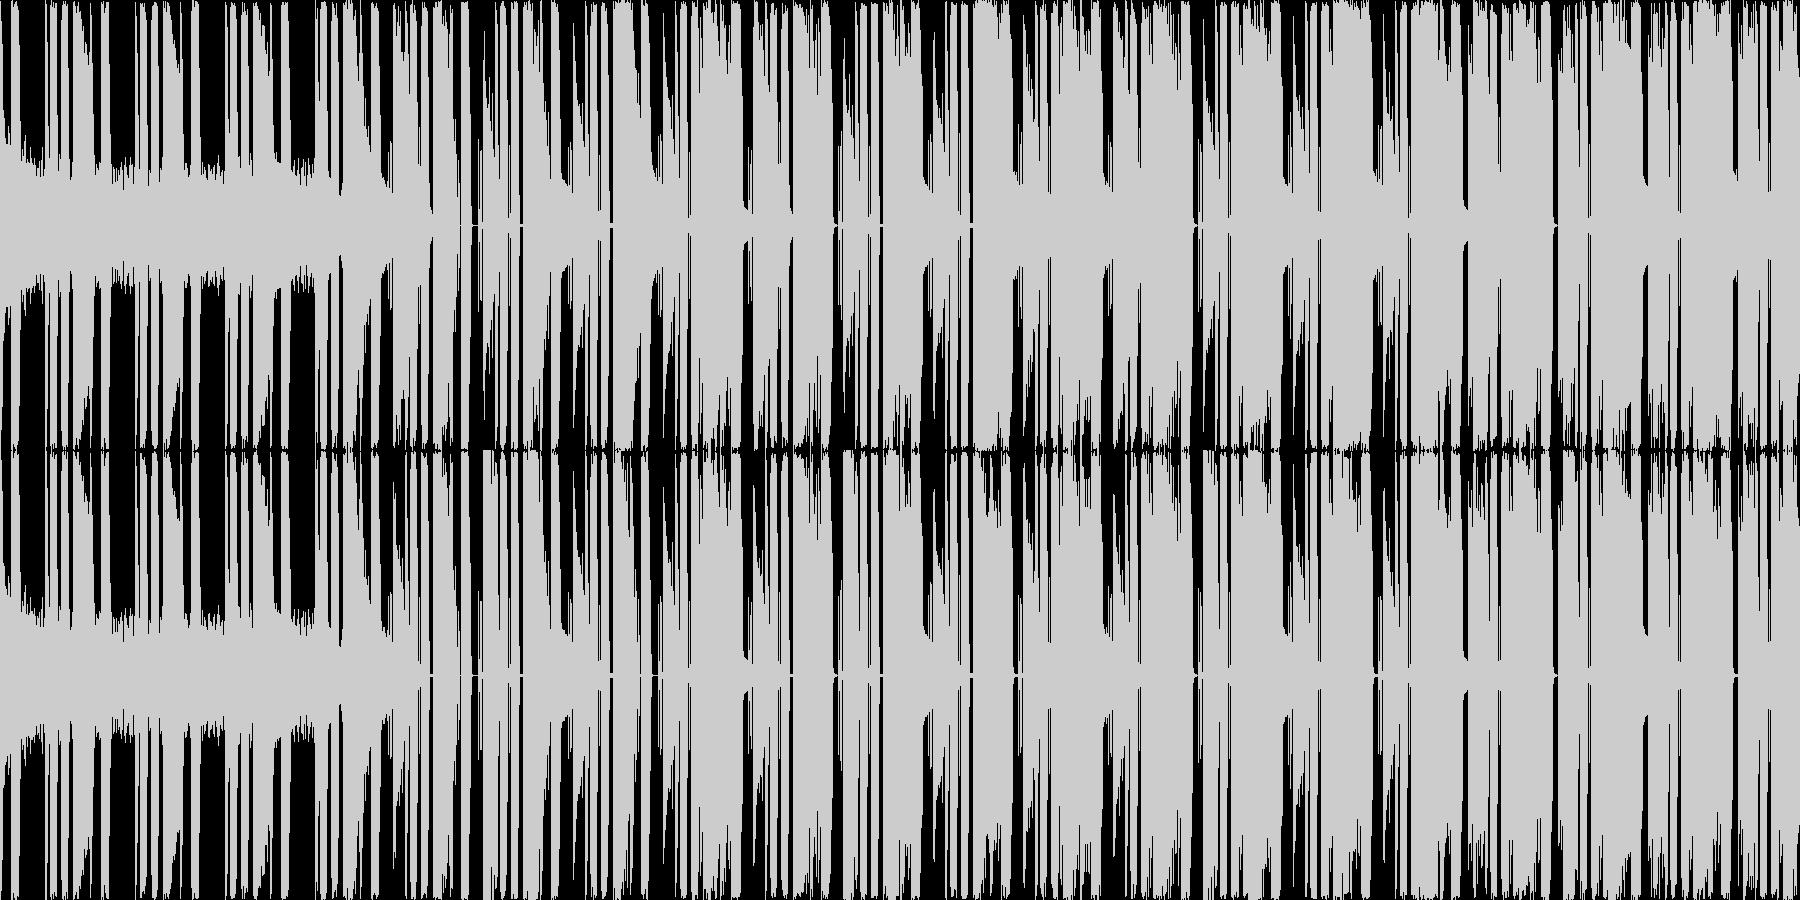 ファミコン風ゲーム 炎/ボスステージ  の未再生の波形